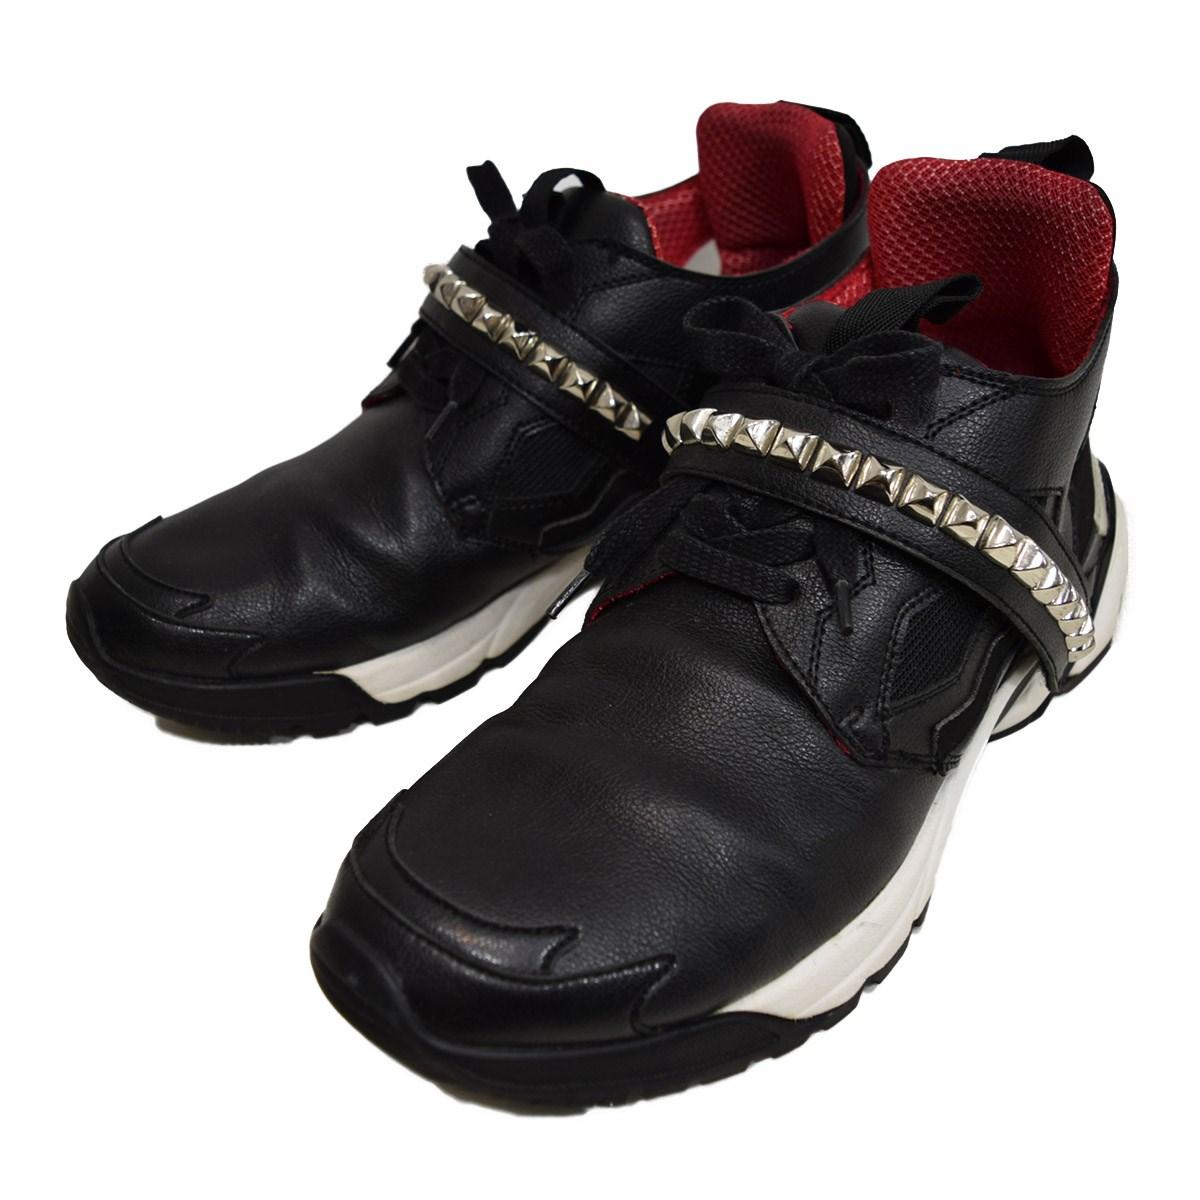 【中古】Roen ROCK-1 スニーカー ブラック サイズ:27cm 【051019】(ロエン)